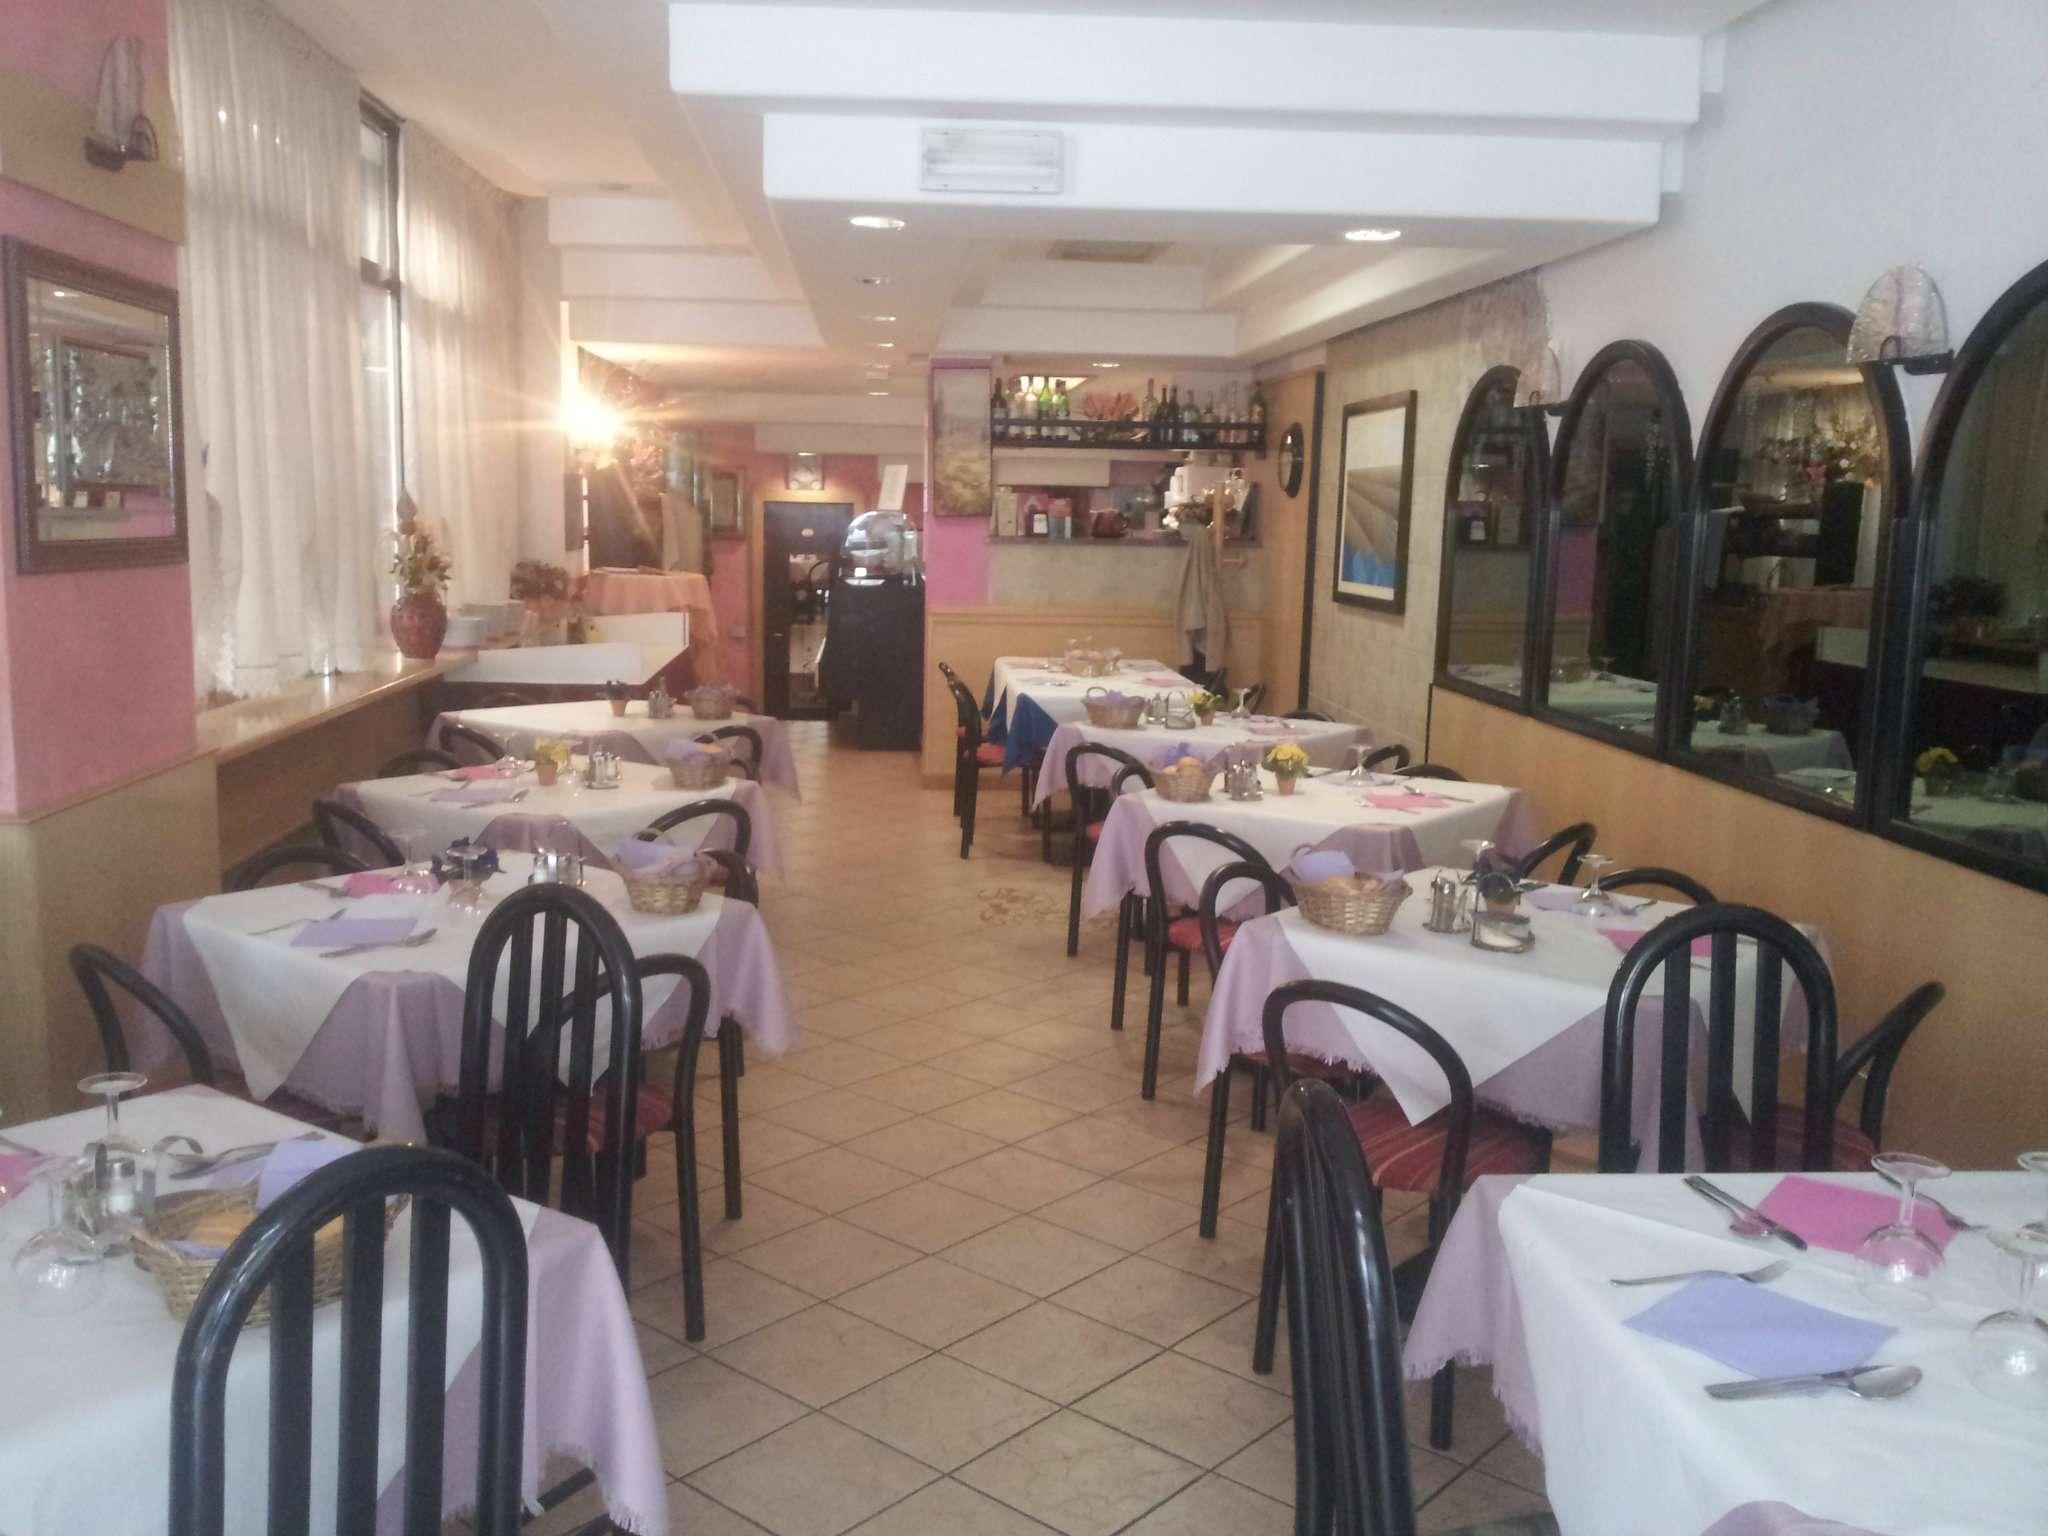 Ristorante / Pizzeria / Trattoria in affitto a Cles, 3 locali, Trattative riservate | CambioCasa.it